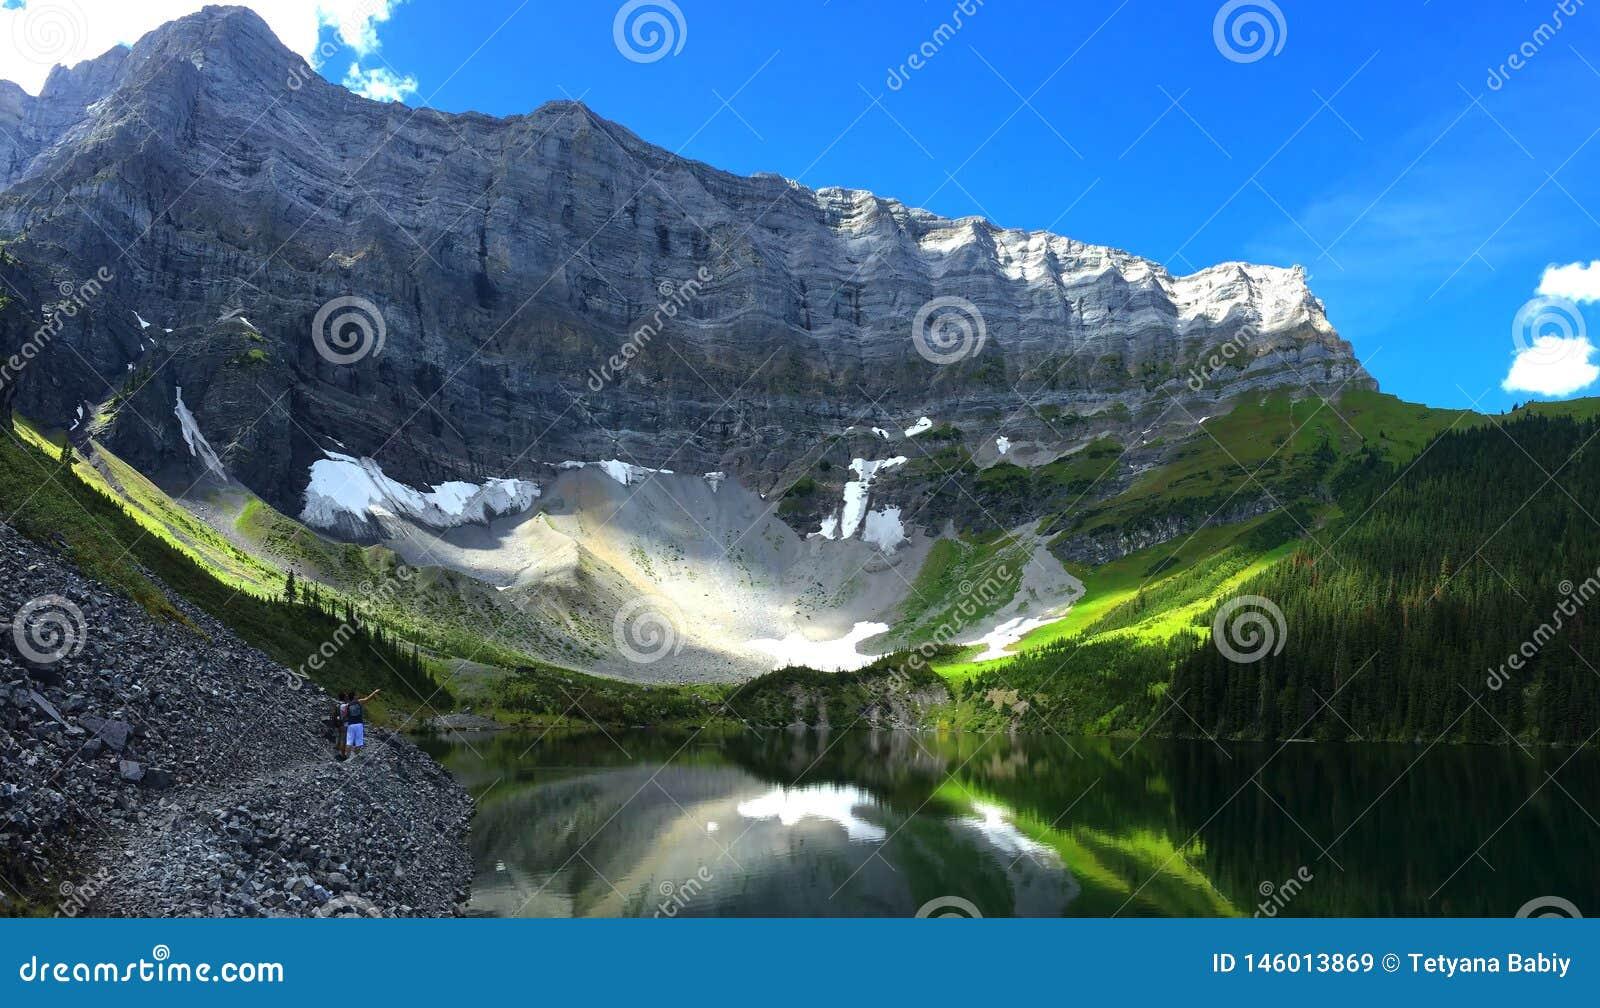 Scenic Rawson Lake snowshoe near Canmore, Alberta, Canada